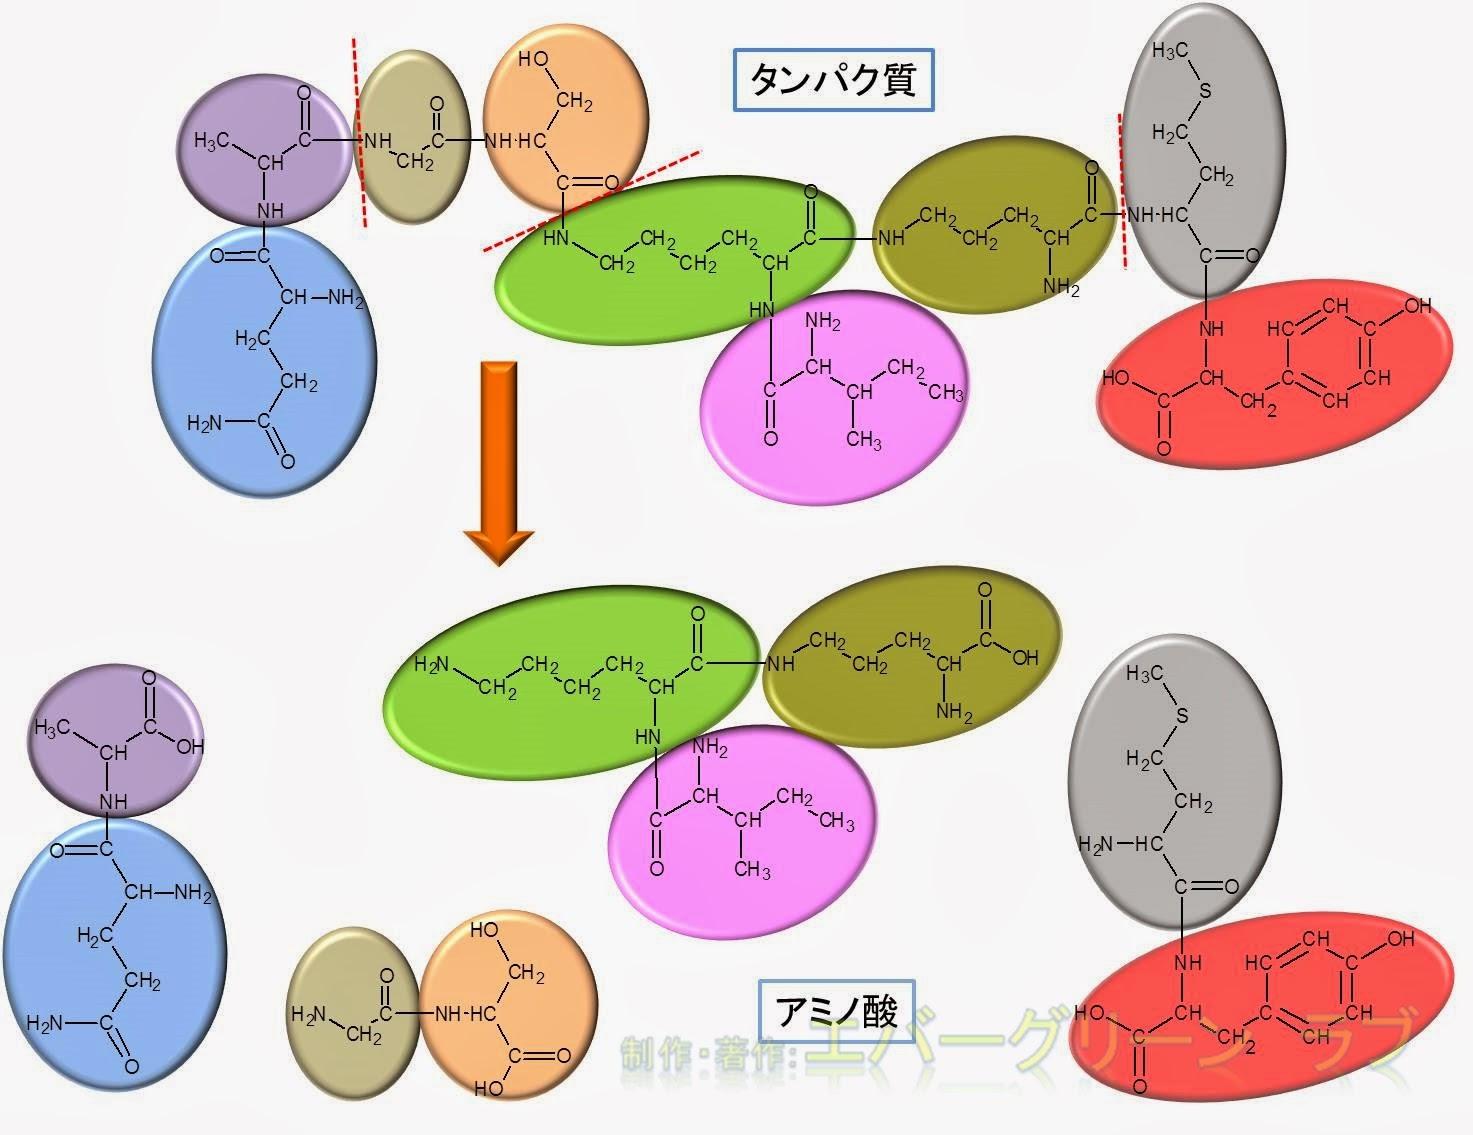 中学受験 理科 生化学 消化 吸収の仕組み 体の仕組み 食べ物 どこから吸収 吸収が早い ブドウ糖(グルコース)、アミノ酸、脂肪酸 脂肪酸、長鎖、短鎖 リンパ 中性脂肪 短い脂肪酸 リポタンパク カイロミクロン キロミクロン 静脈  動脈 消化に時間がかかる 吸収できない エネルギー 栄養素 リノレン酸 トリプシン キモトリプシン 肉 早い栄養素 膵液 化学構造 アミノ酸 すぐに吸収